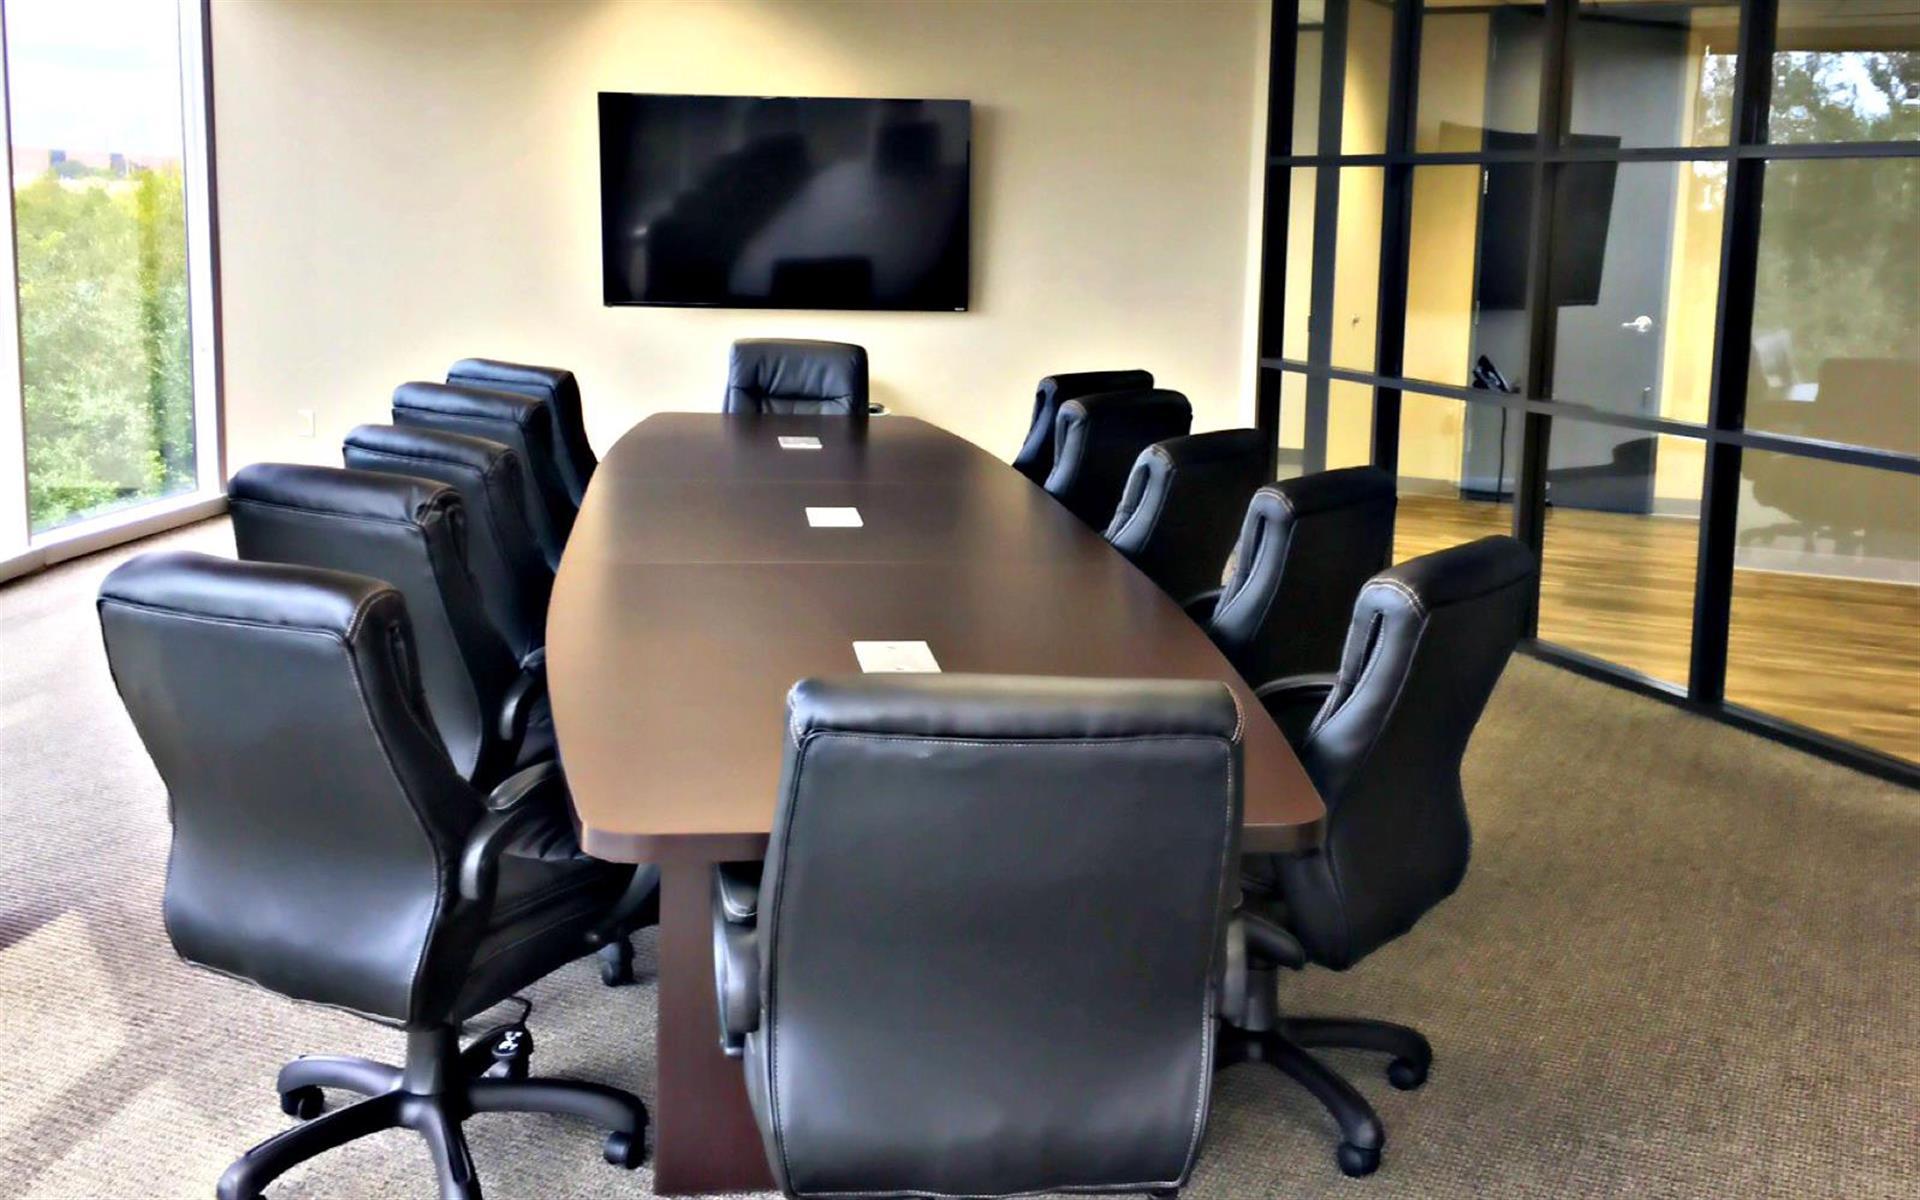 CUBExec - Interchange Building Executive Suites - Large Conference Room